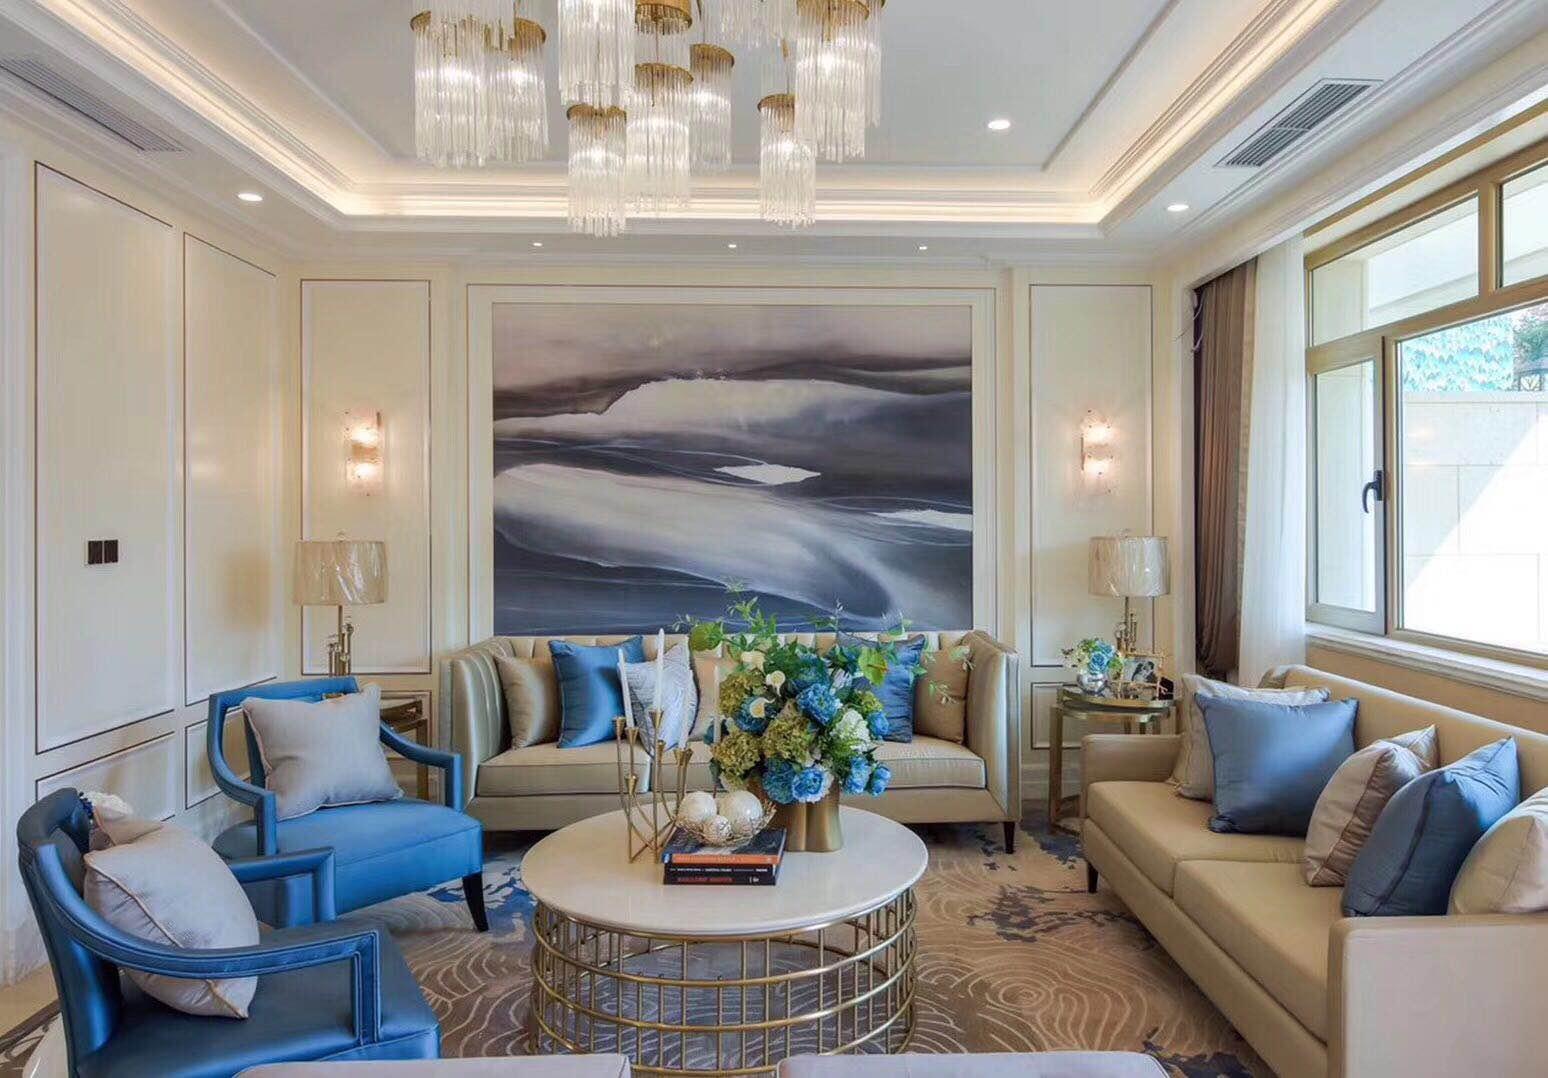 义乌周边新城一品,03省道边上,87方大3房出售优居发展之首